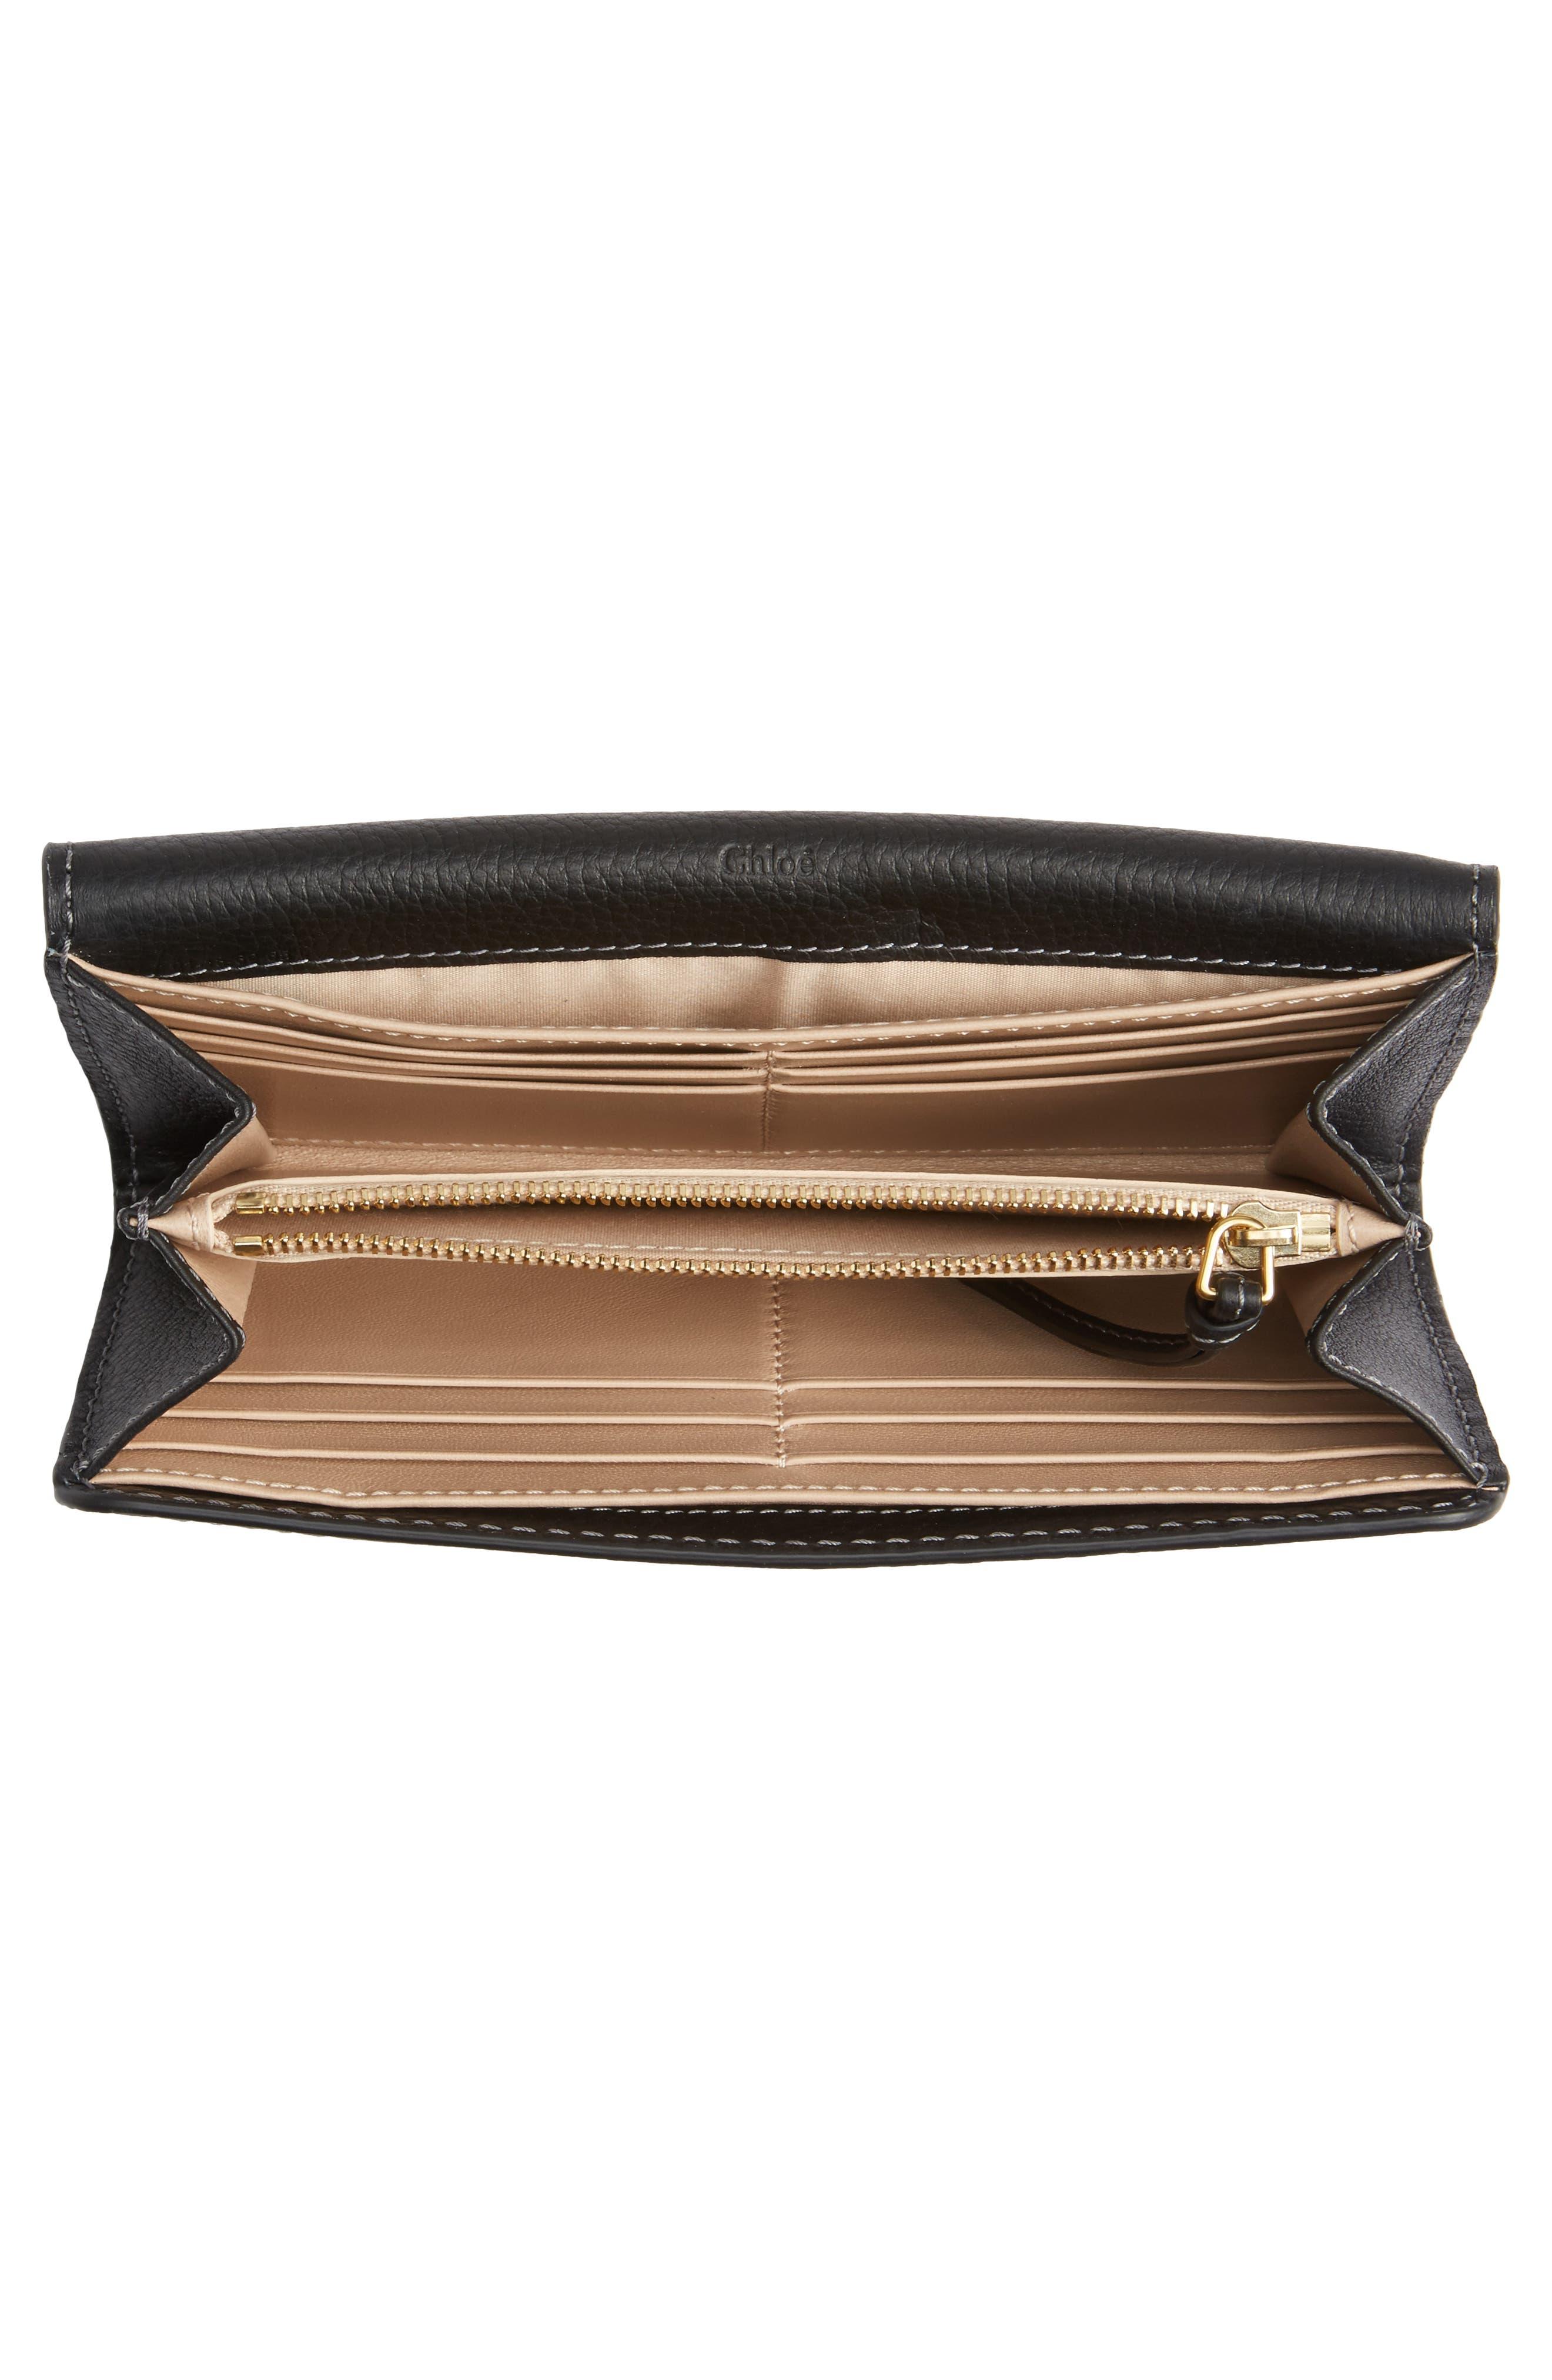 Chlo Handbags Purses Wallets Nordstrom Tendencies Sling Bag Twin Side Pocket Burgundy Maroon